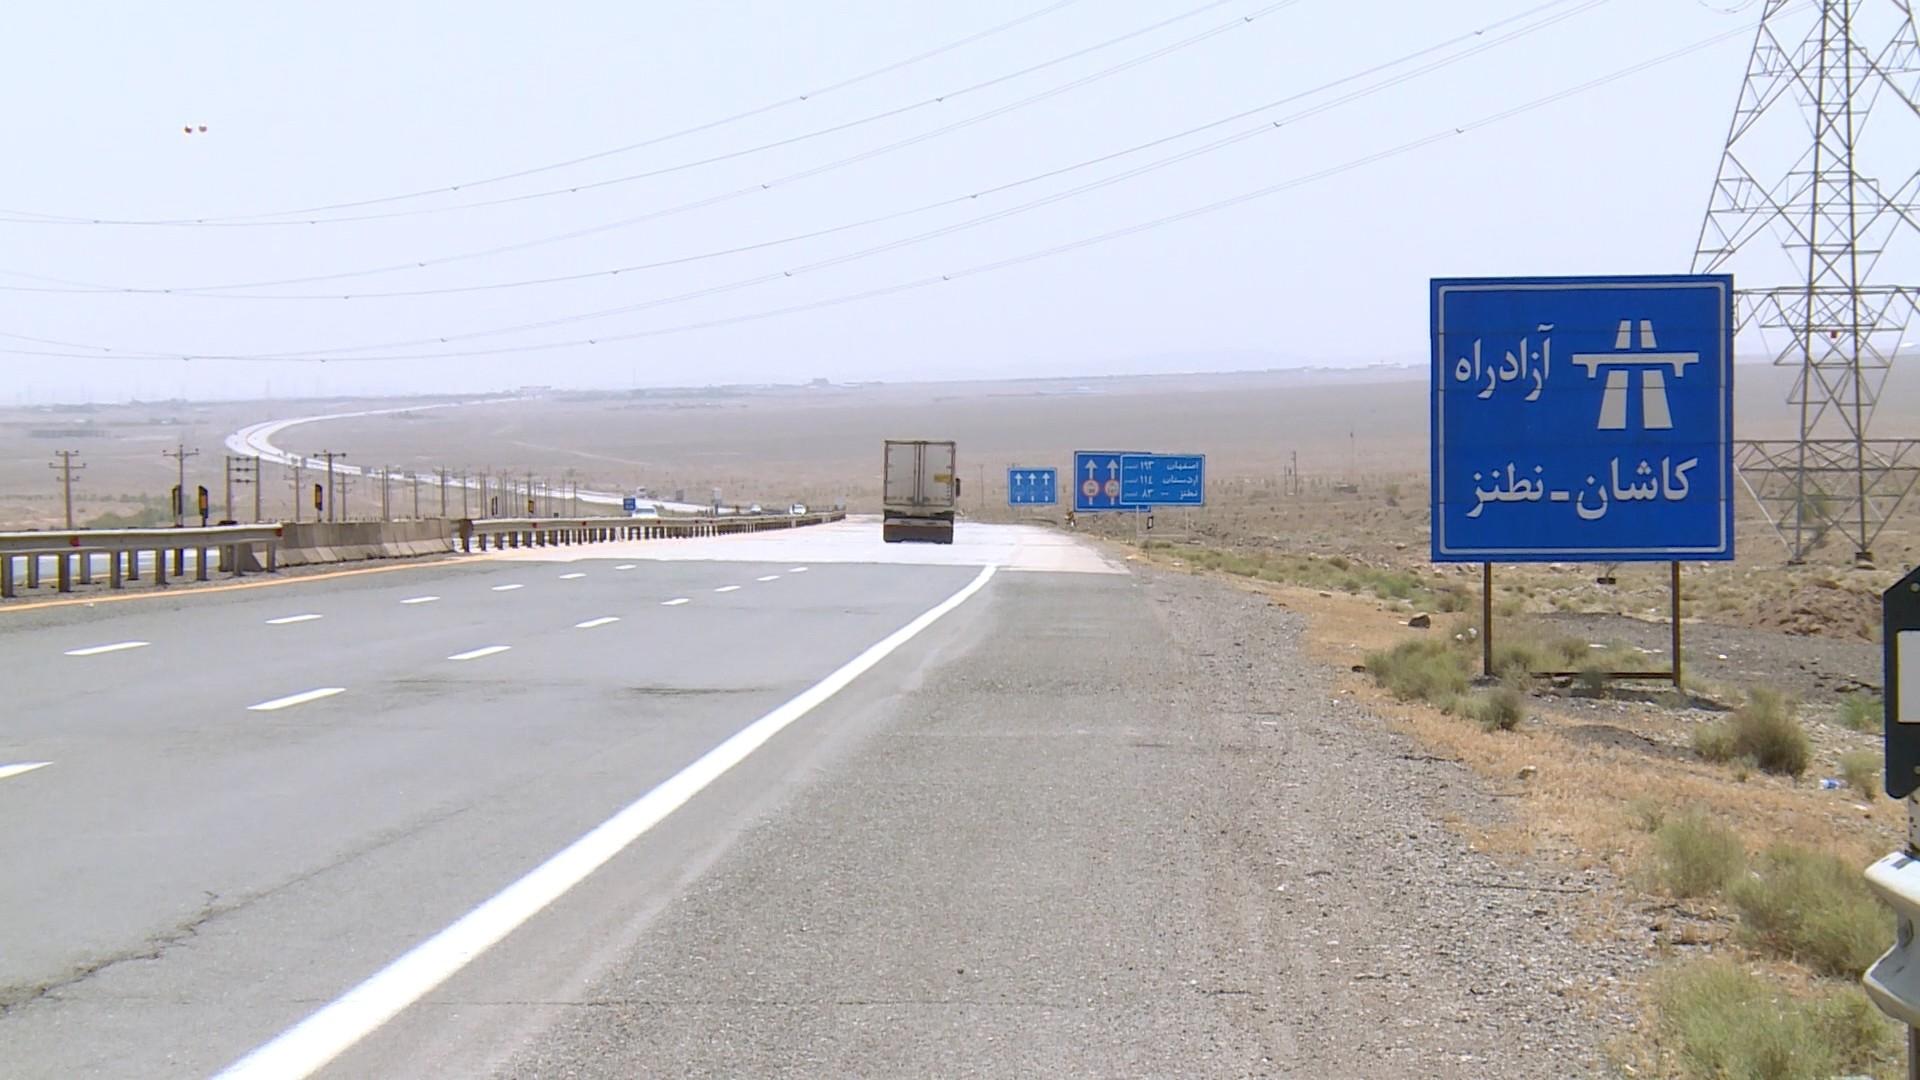 بیش از ۲هزار و ۲۰۰ کیلومتر آزادراه در کشور در دست بهرهبرداری است